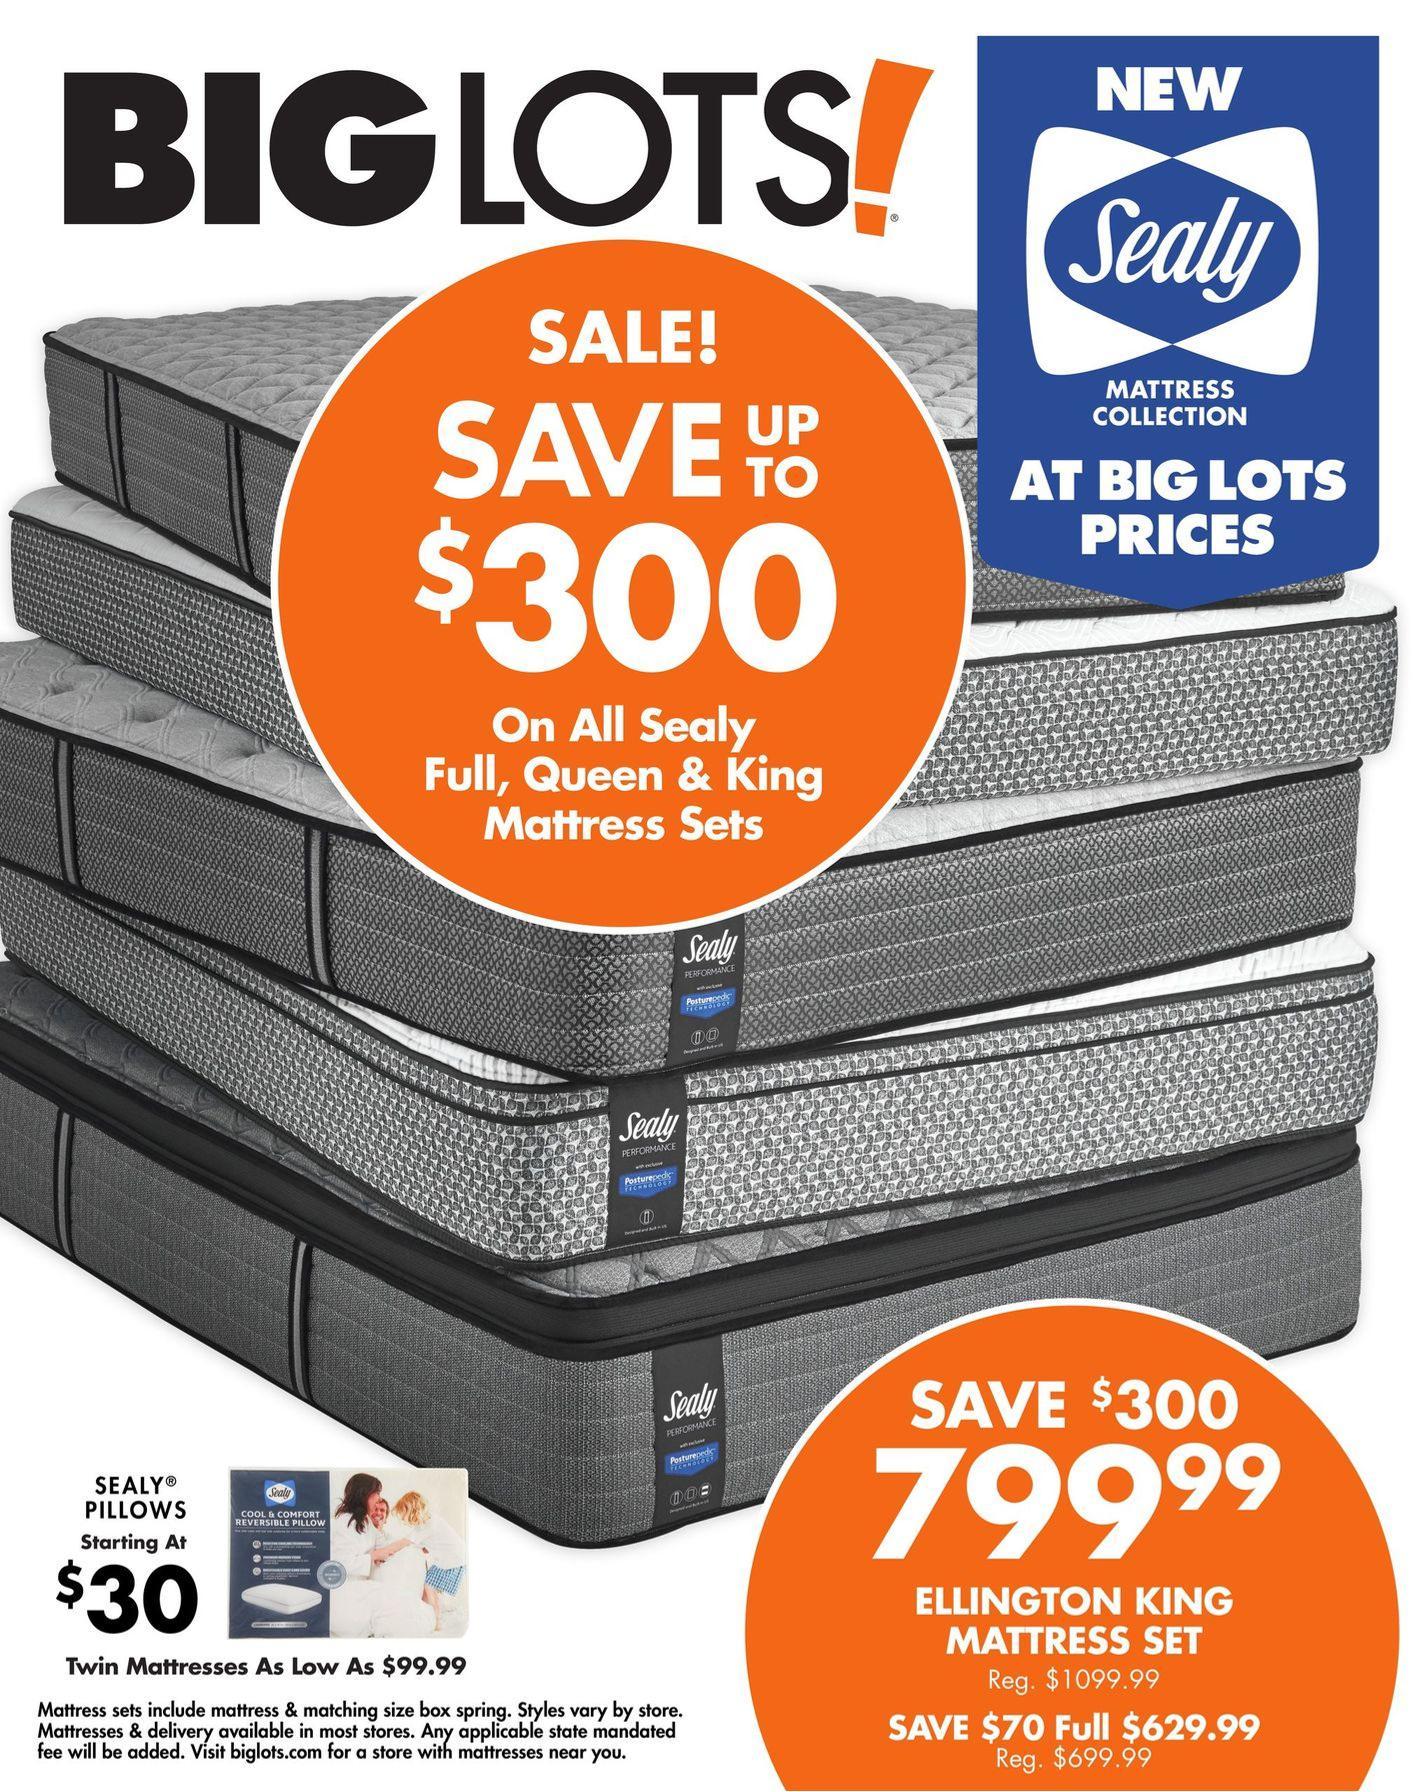 Big Lots Weekly October 19 - 26, 2019 Page 1